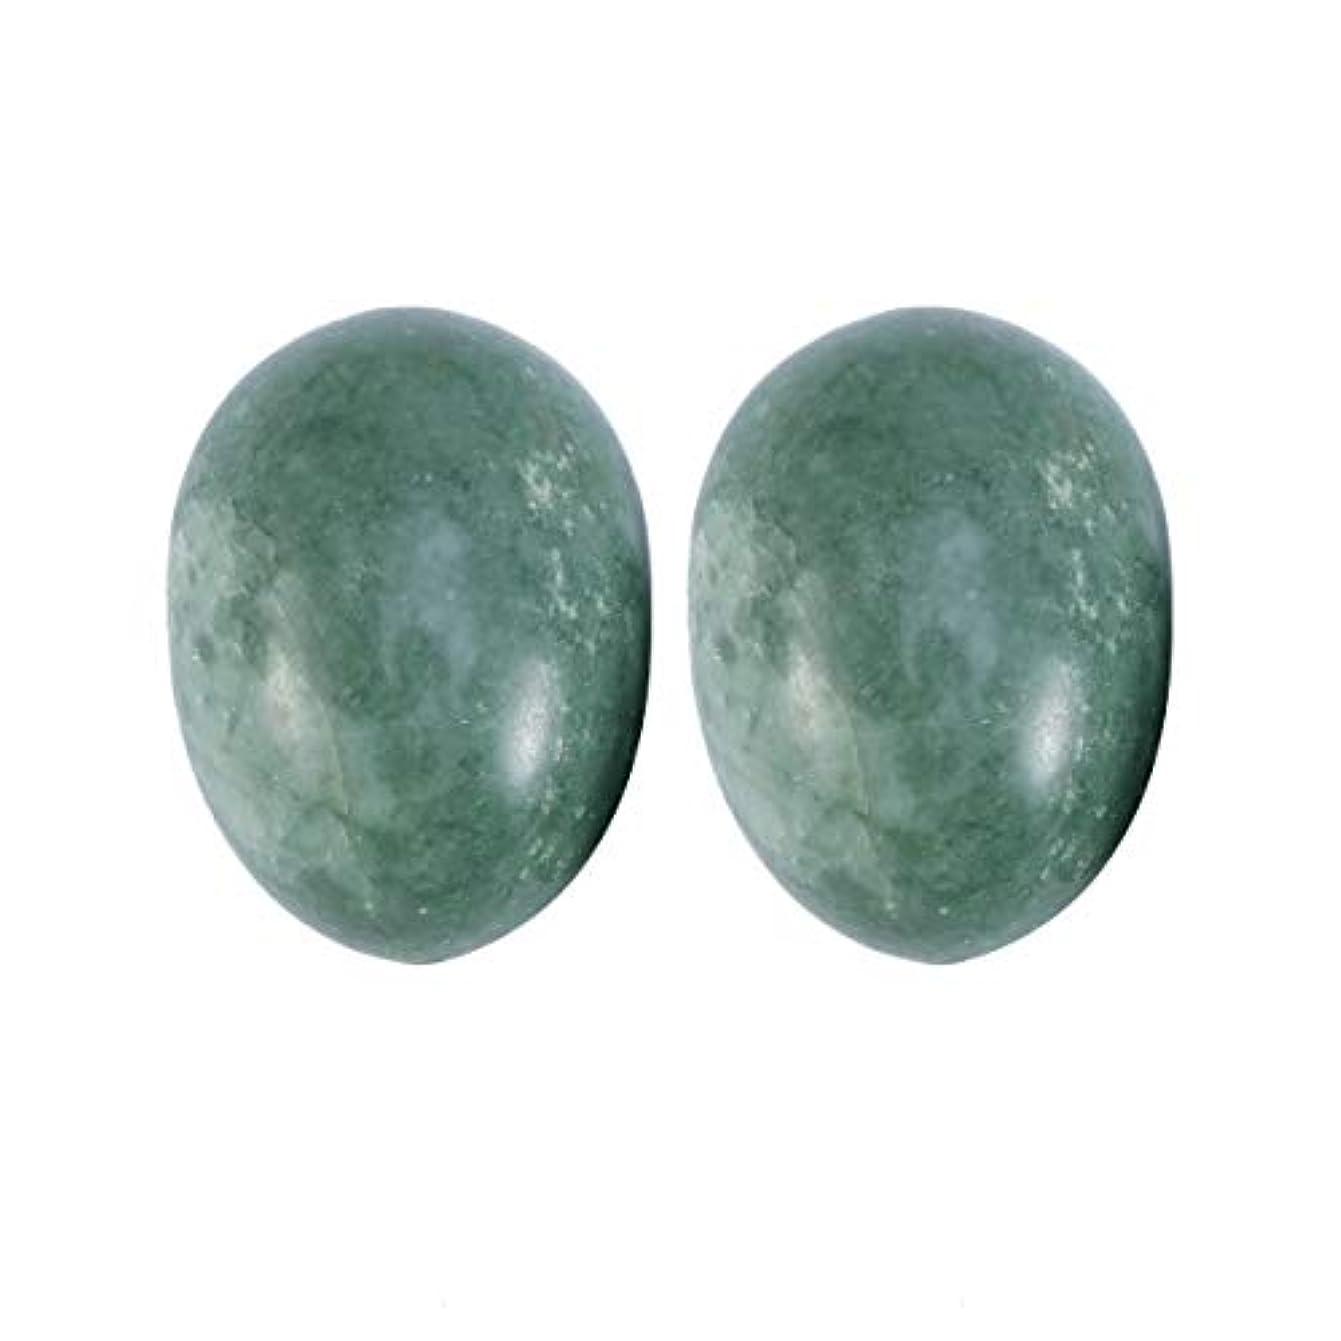 リード番目くそーSUPVOX 6本ネフライトジェイドヨニ卵ジェイドヨニマッサージストーンチャクラ骨盤筋肉癒しの卵マッサージKegelエクササイズ(Lushan Jade Egg)